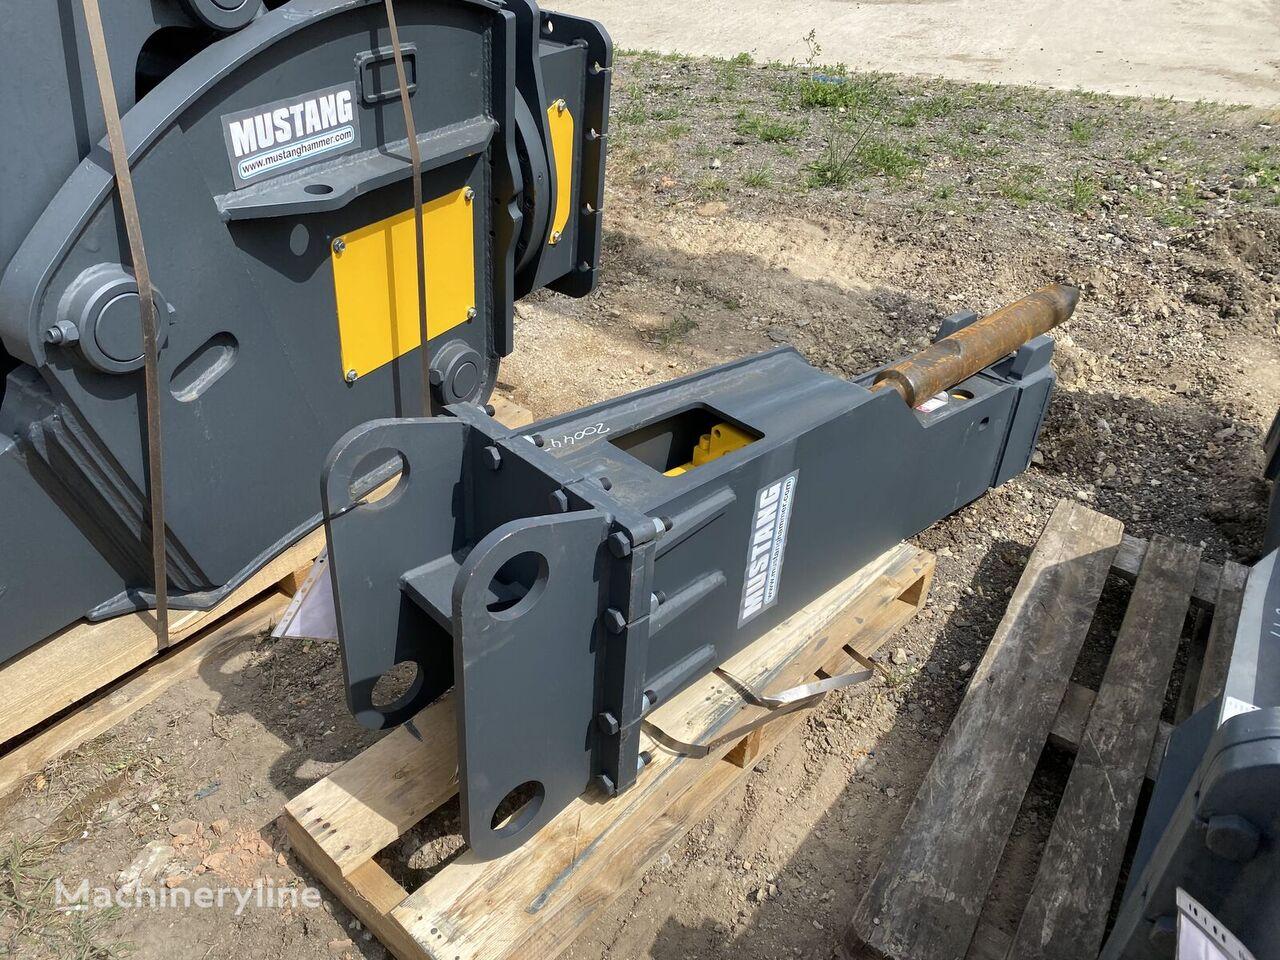 new MUSTANG Hm1300 hydraulic breaker